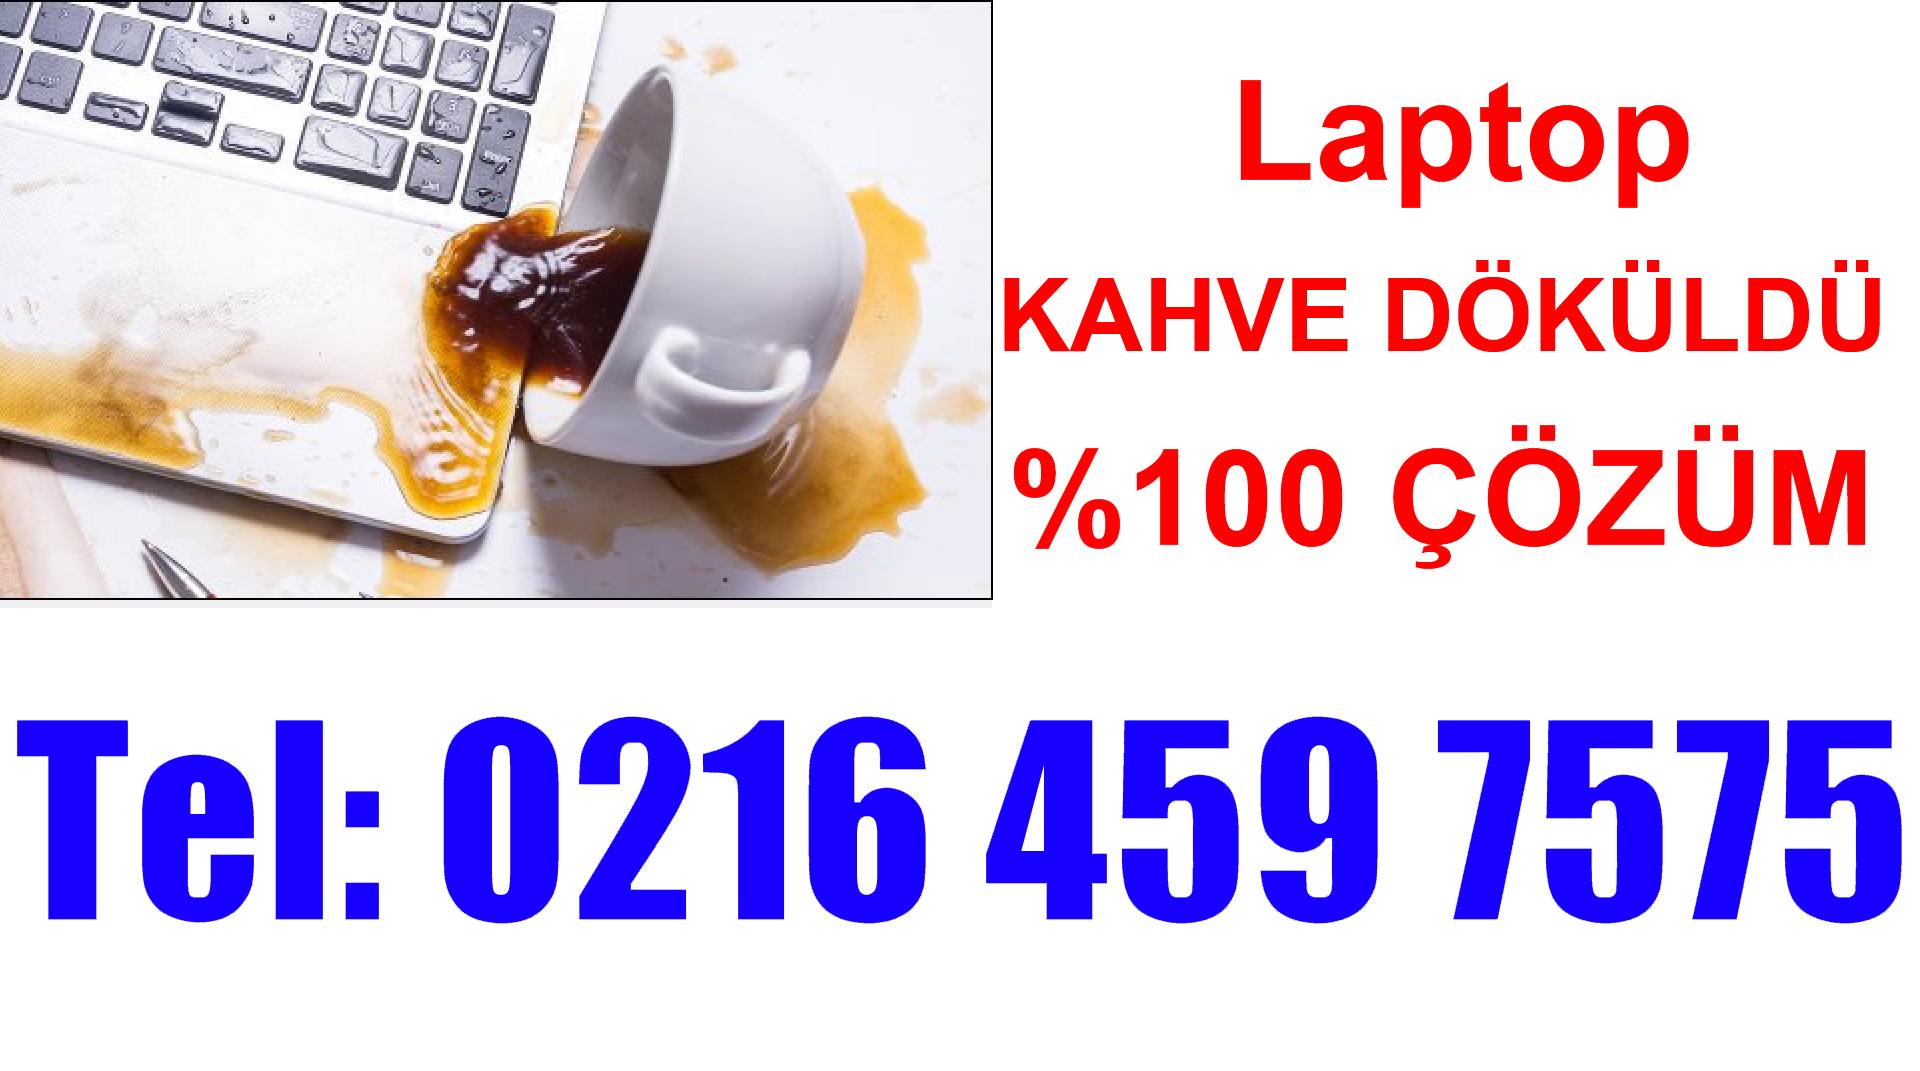 Laptopa Kahve Döküldü Açılmıyor